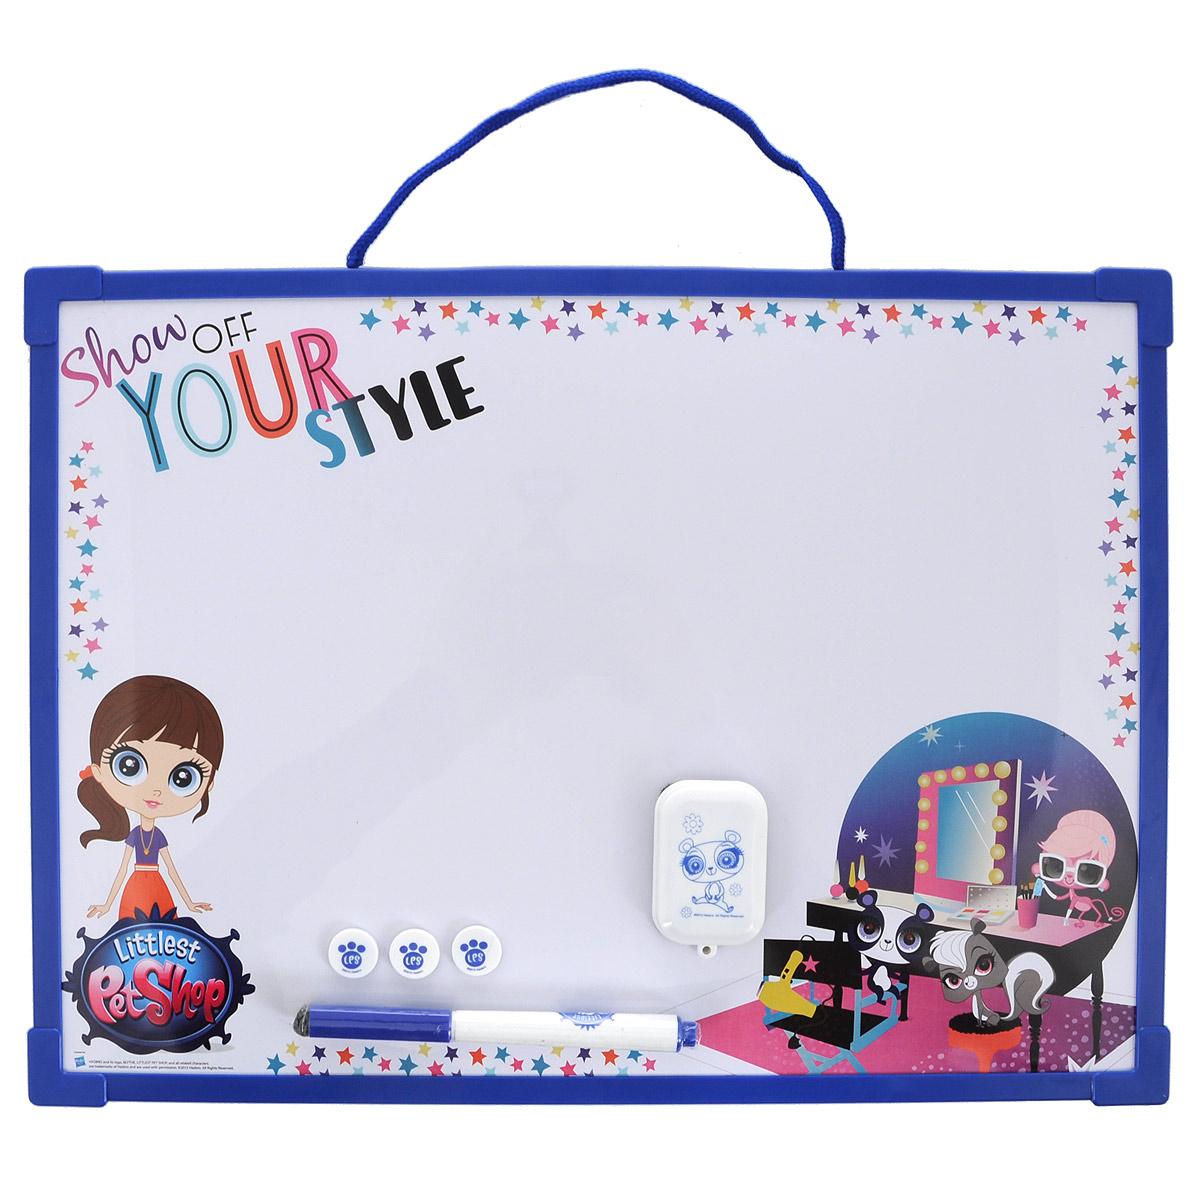 Доска для рисования Littlest Pet Shop Пиши-стирай, цвет: белый, синий. LPCB-US1-Z150098LPCB-US1-Z150098Доска для рисования Littlest Pet Shop Пиши-стирай на веревочке, на которой можно создавать различные картины бесконечно! Доска оборудована ручкой для рисования и тремя штампиками. Доска для рисования развивает моторику, воображение, концентрацию внимания, цветовое восприятие.